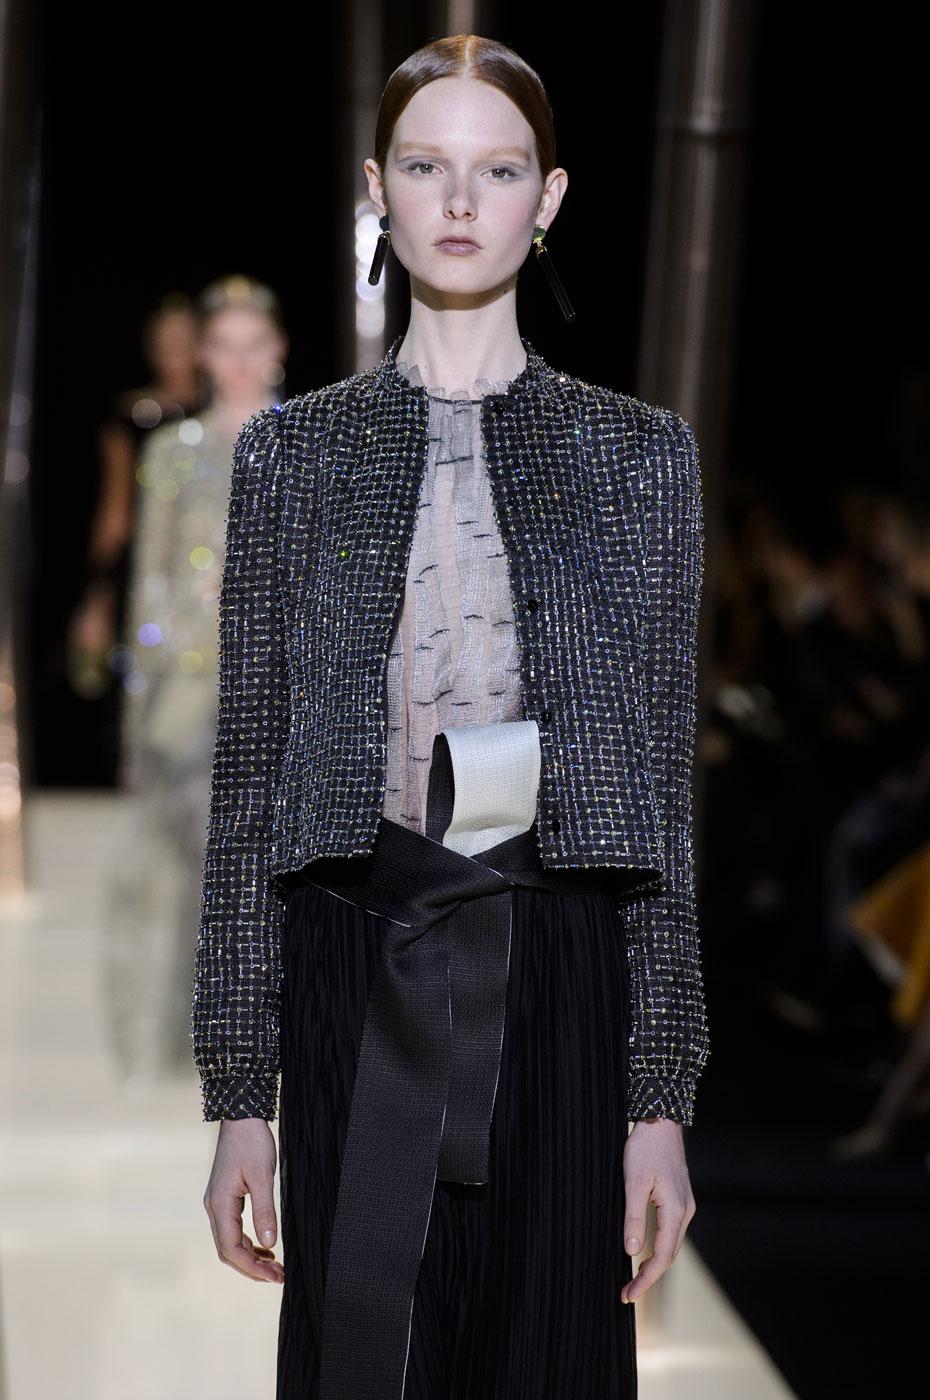 Giorgio-armani-Prive-fashion-runway-show-haute-couture-paris-spring-2015-the-impression-076